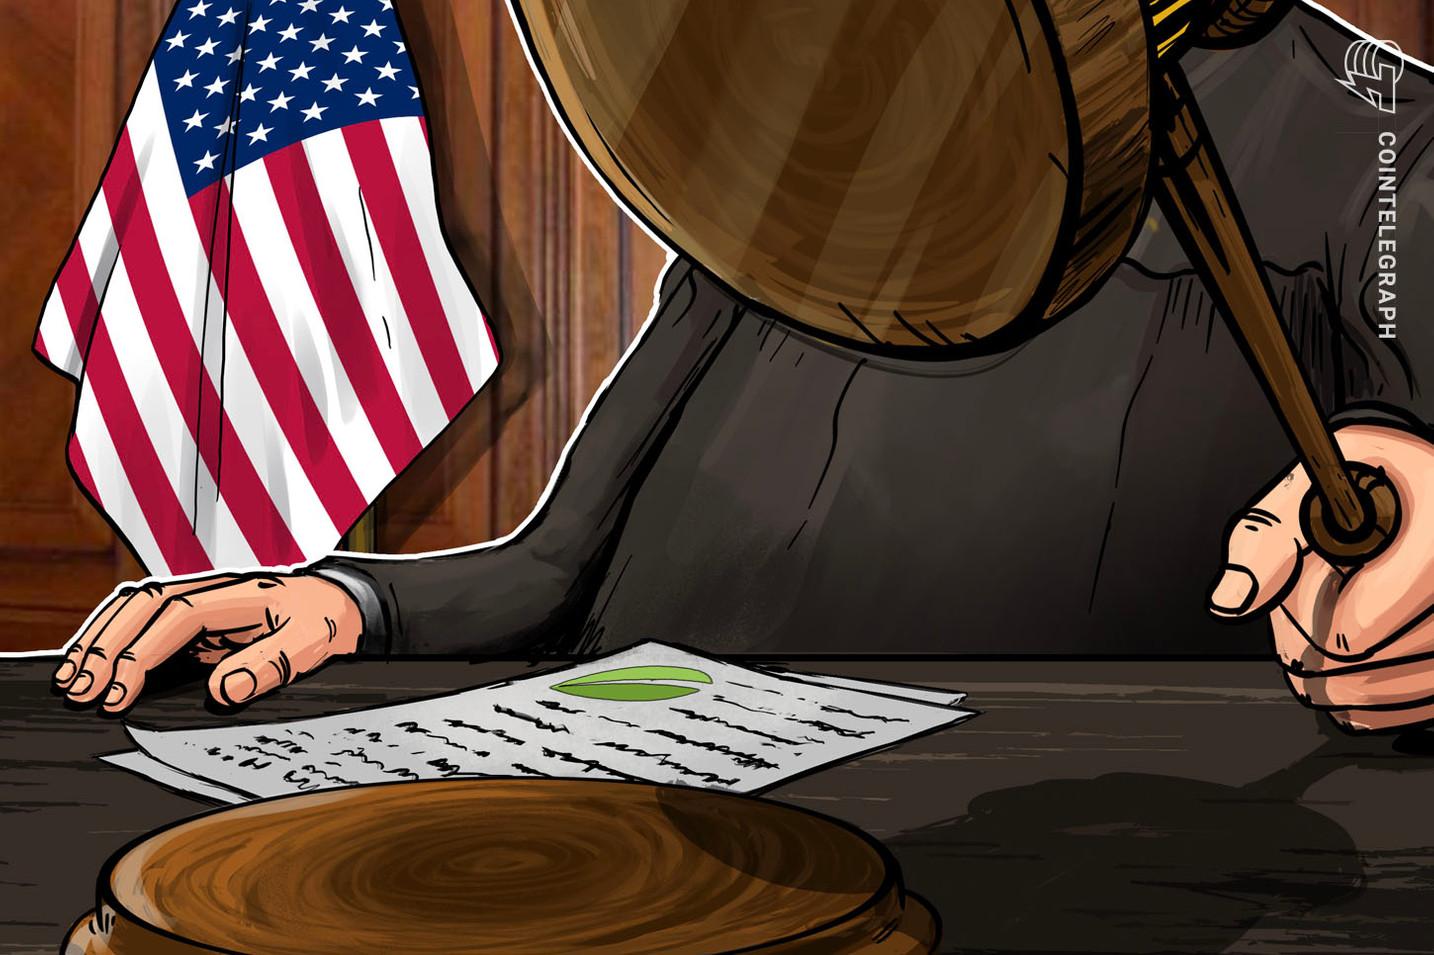 بيتفينكس تحاول استرداد ٨٨٠ مليون دولار في طلب جديد للمحكمة